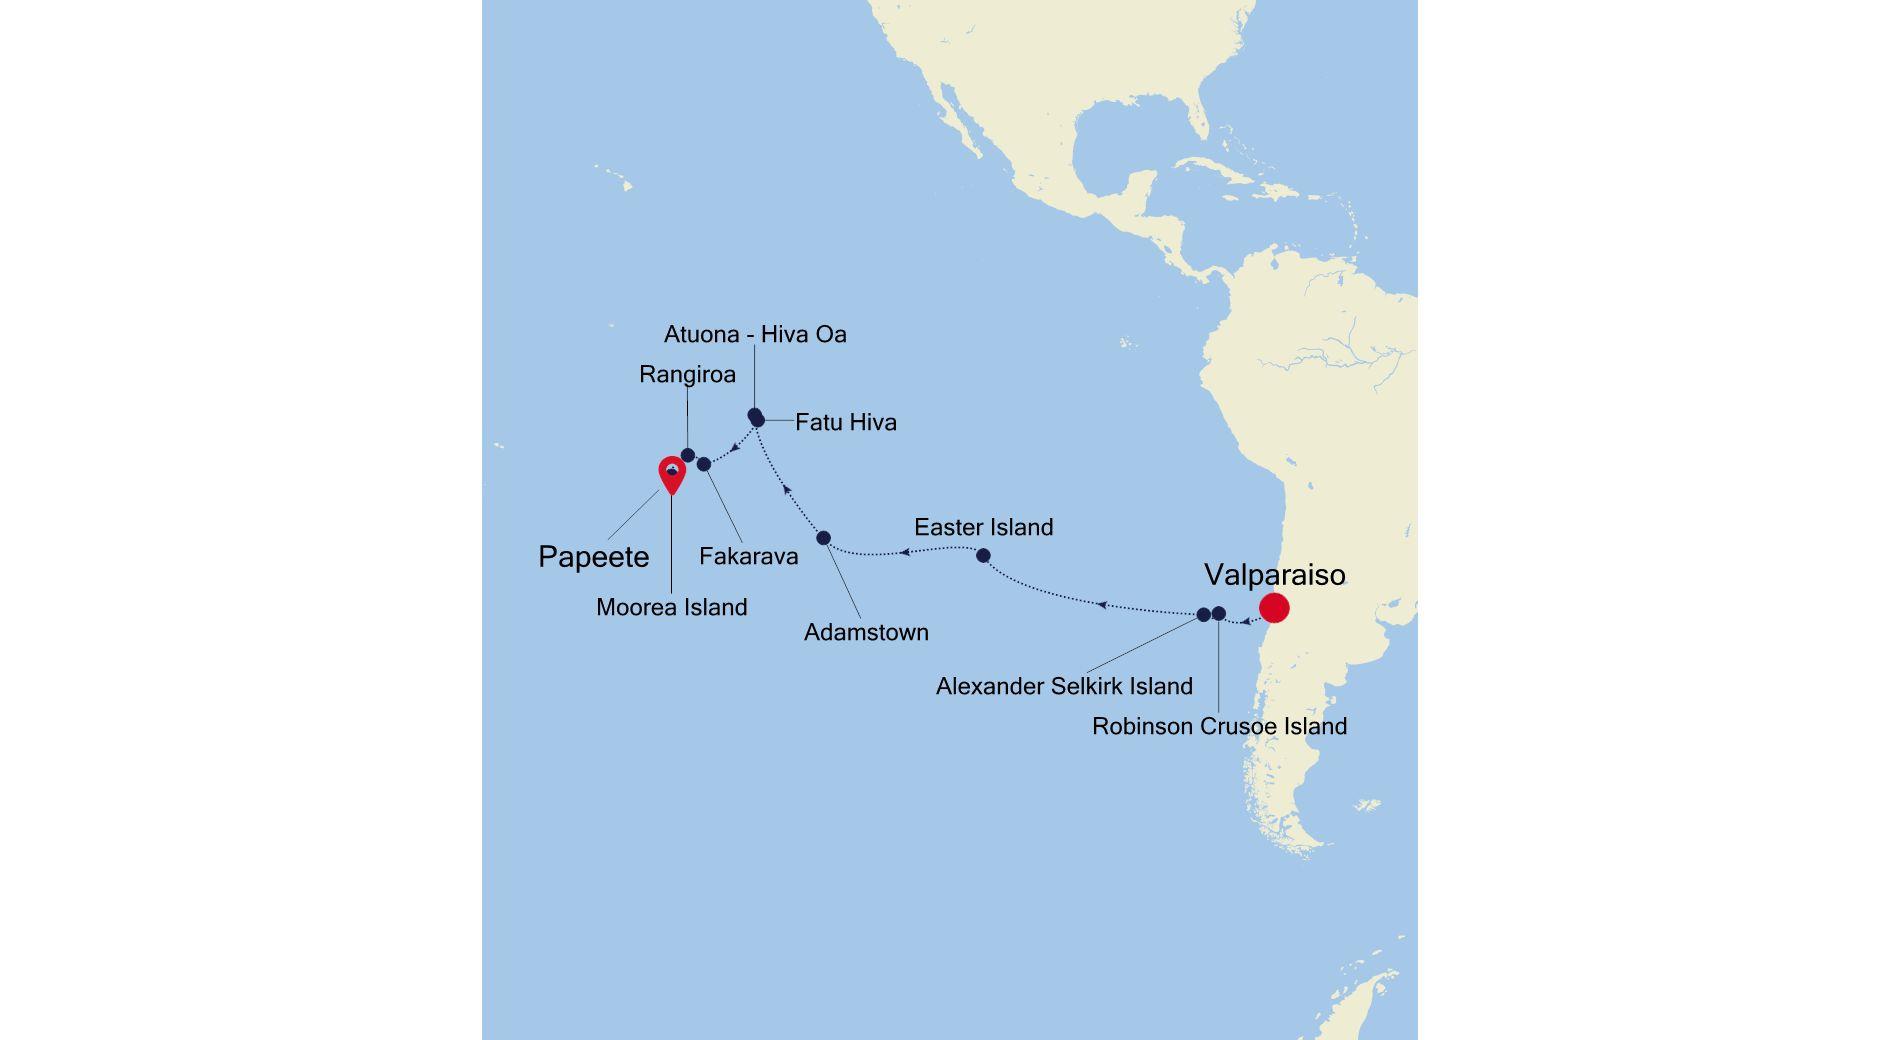 E4220212022 - Valparaiso à Papeete